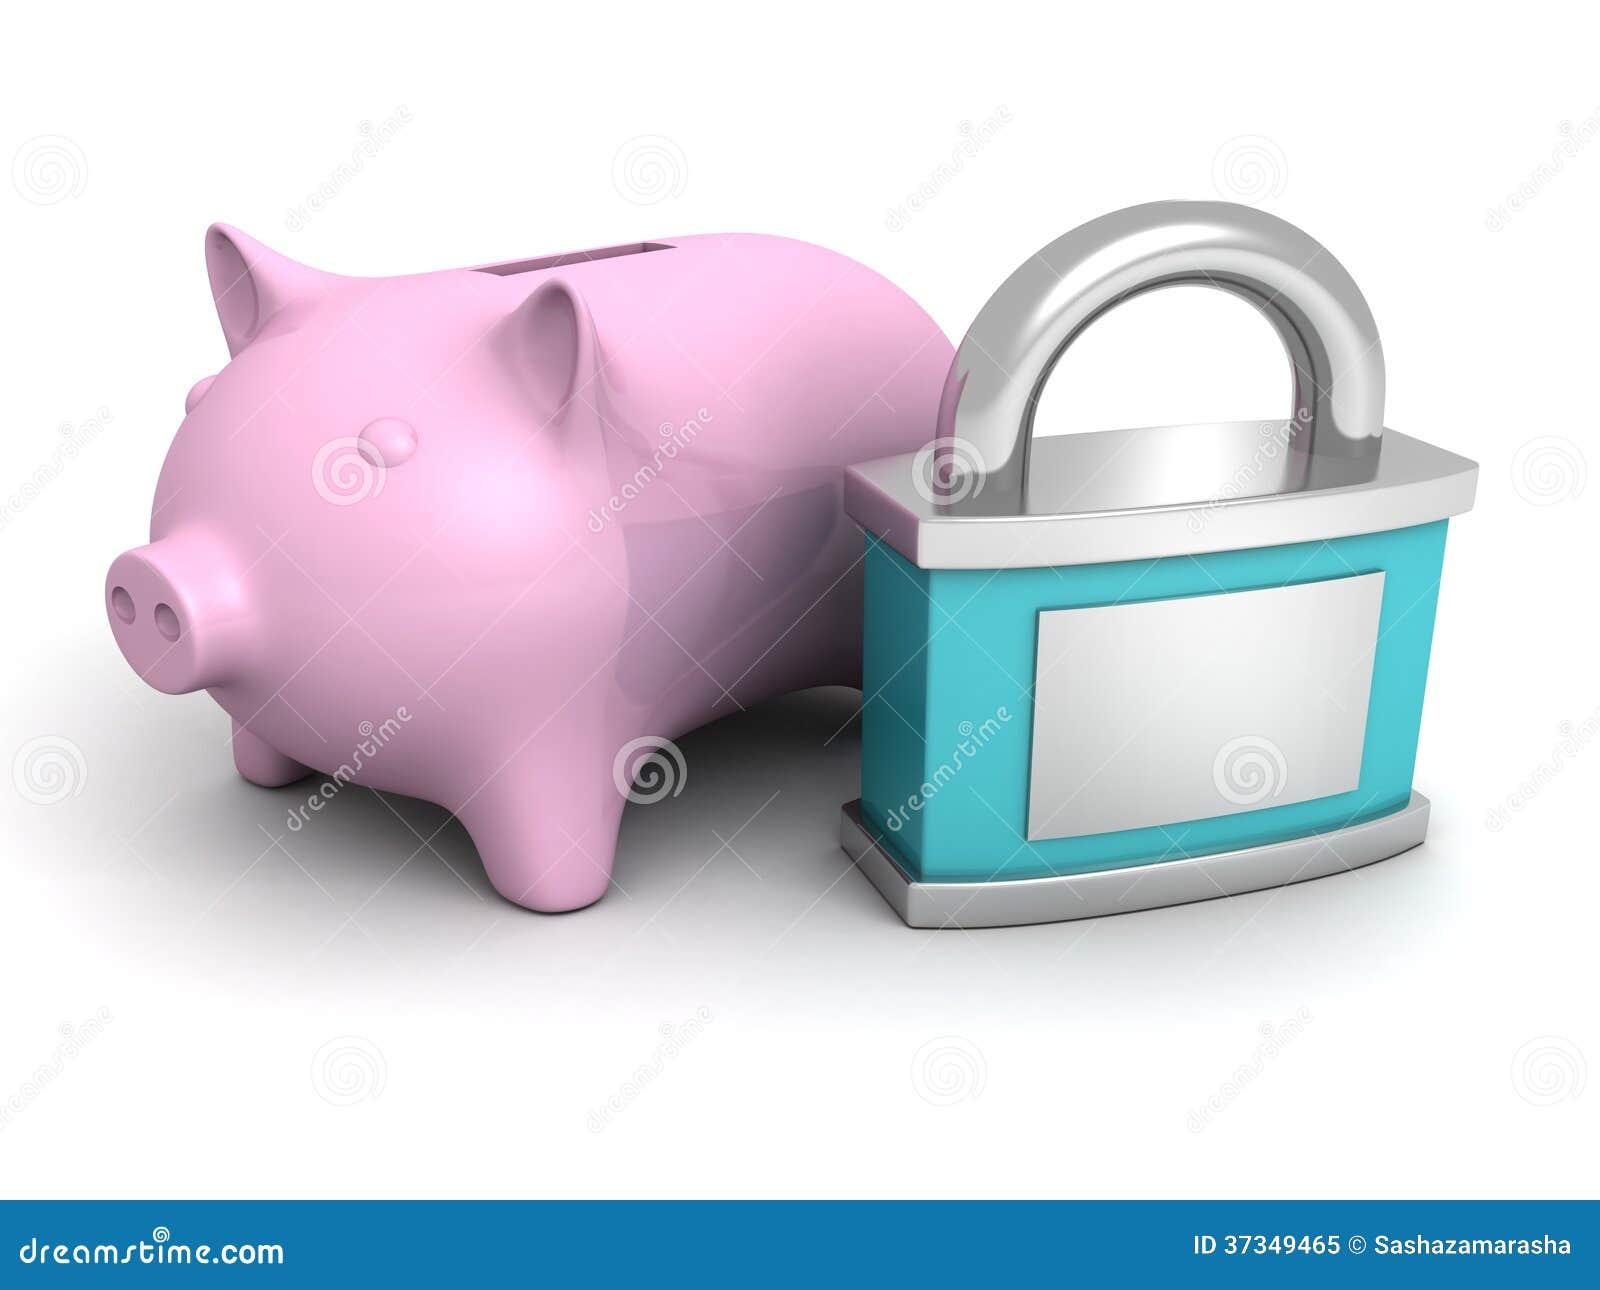 Den blåa säkerhetshänglåset och rosa piggy pengar packar ihop